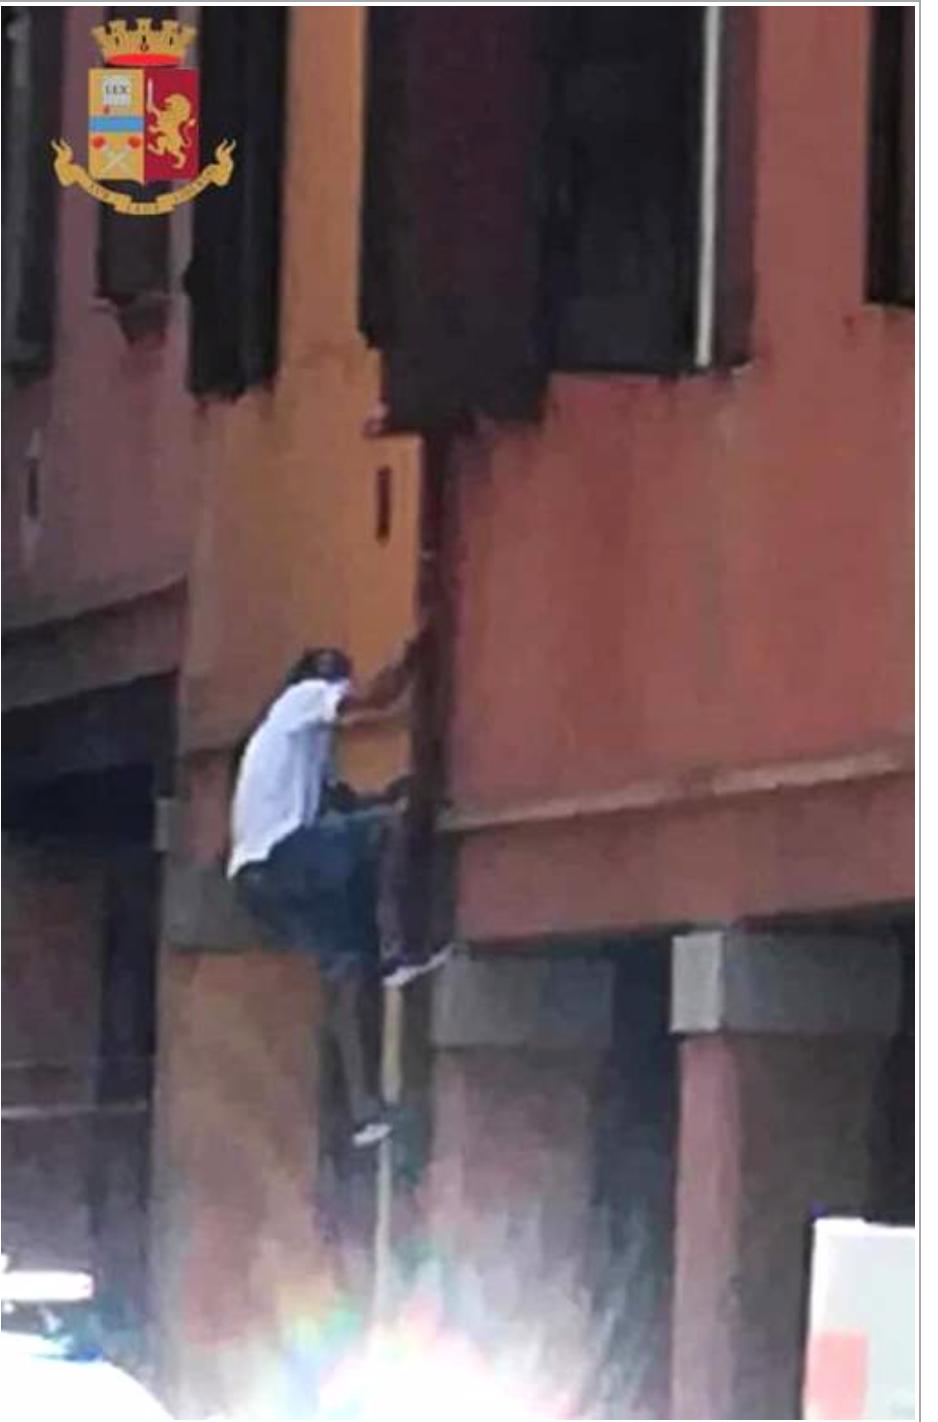 Bologne : le Tunisien escaladait la gouttière pour dévaliser les appartements à l'étage